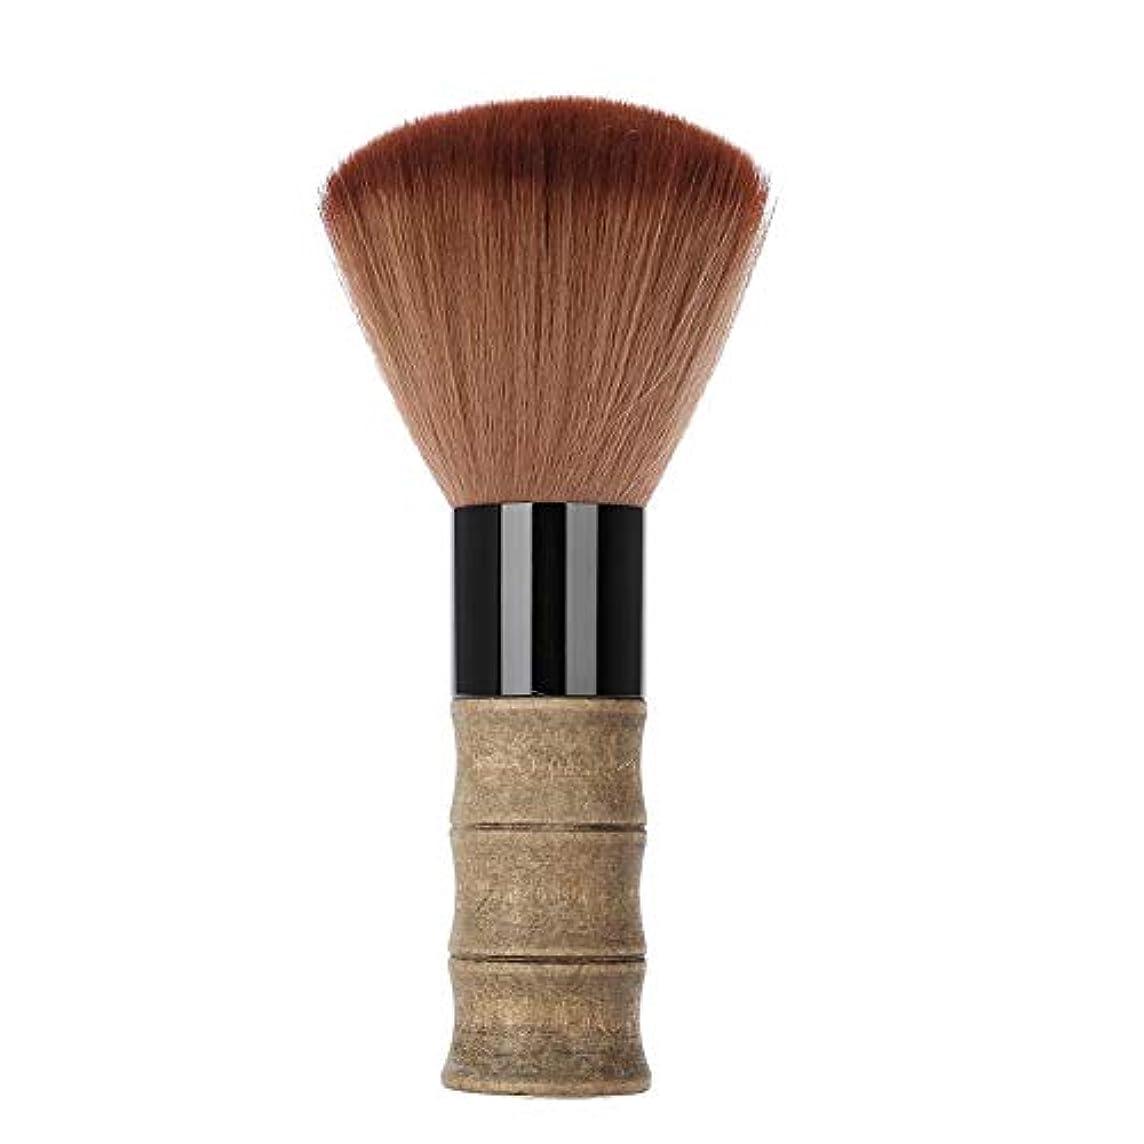 期間思い出折るヘアブラシ ヘアカット ヘアスポンジ ネック理髪店 掃除前髪 美容院 家用 携帯用